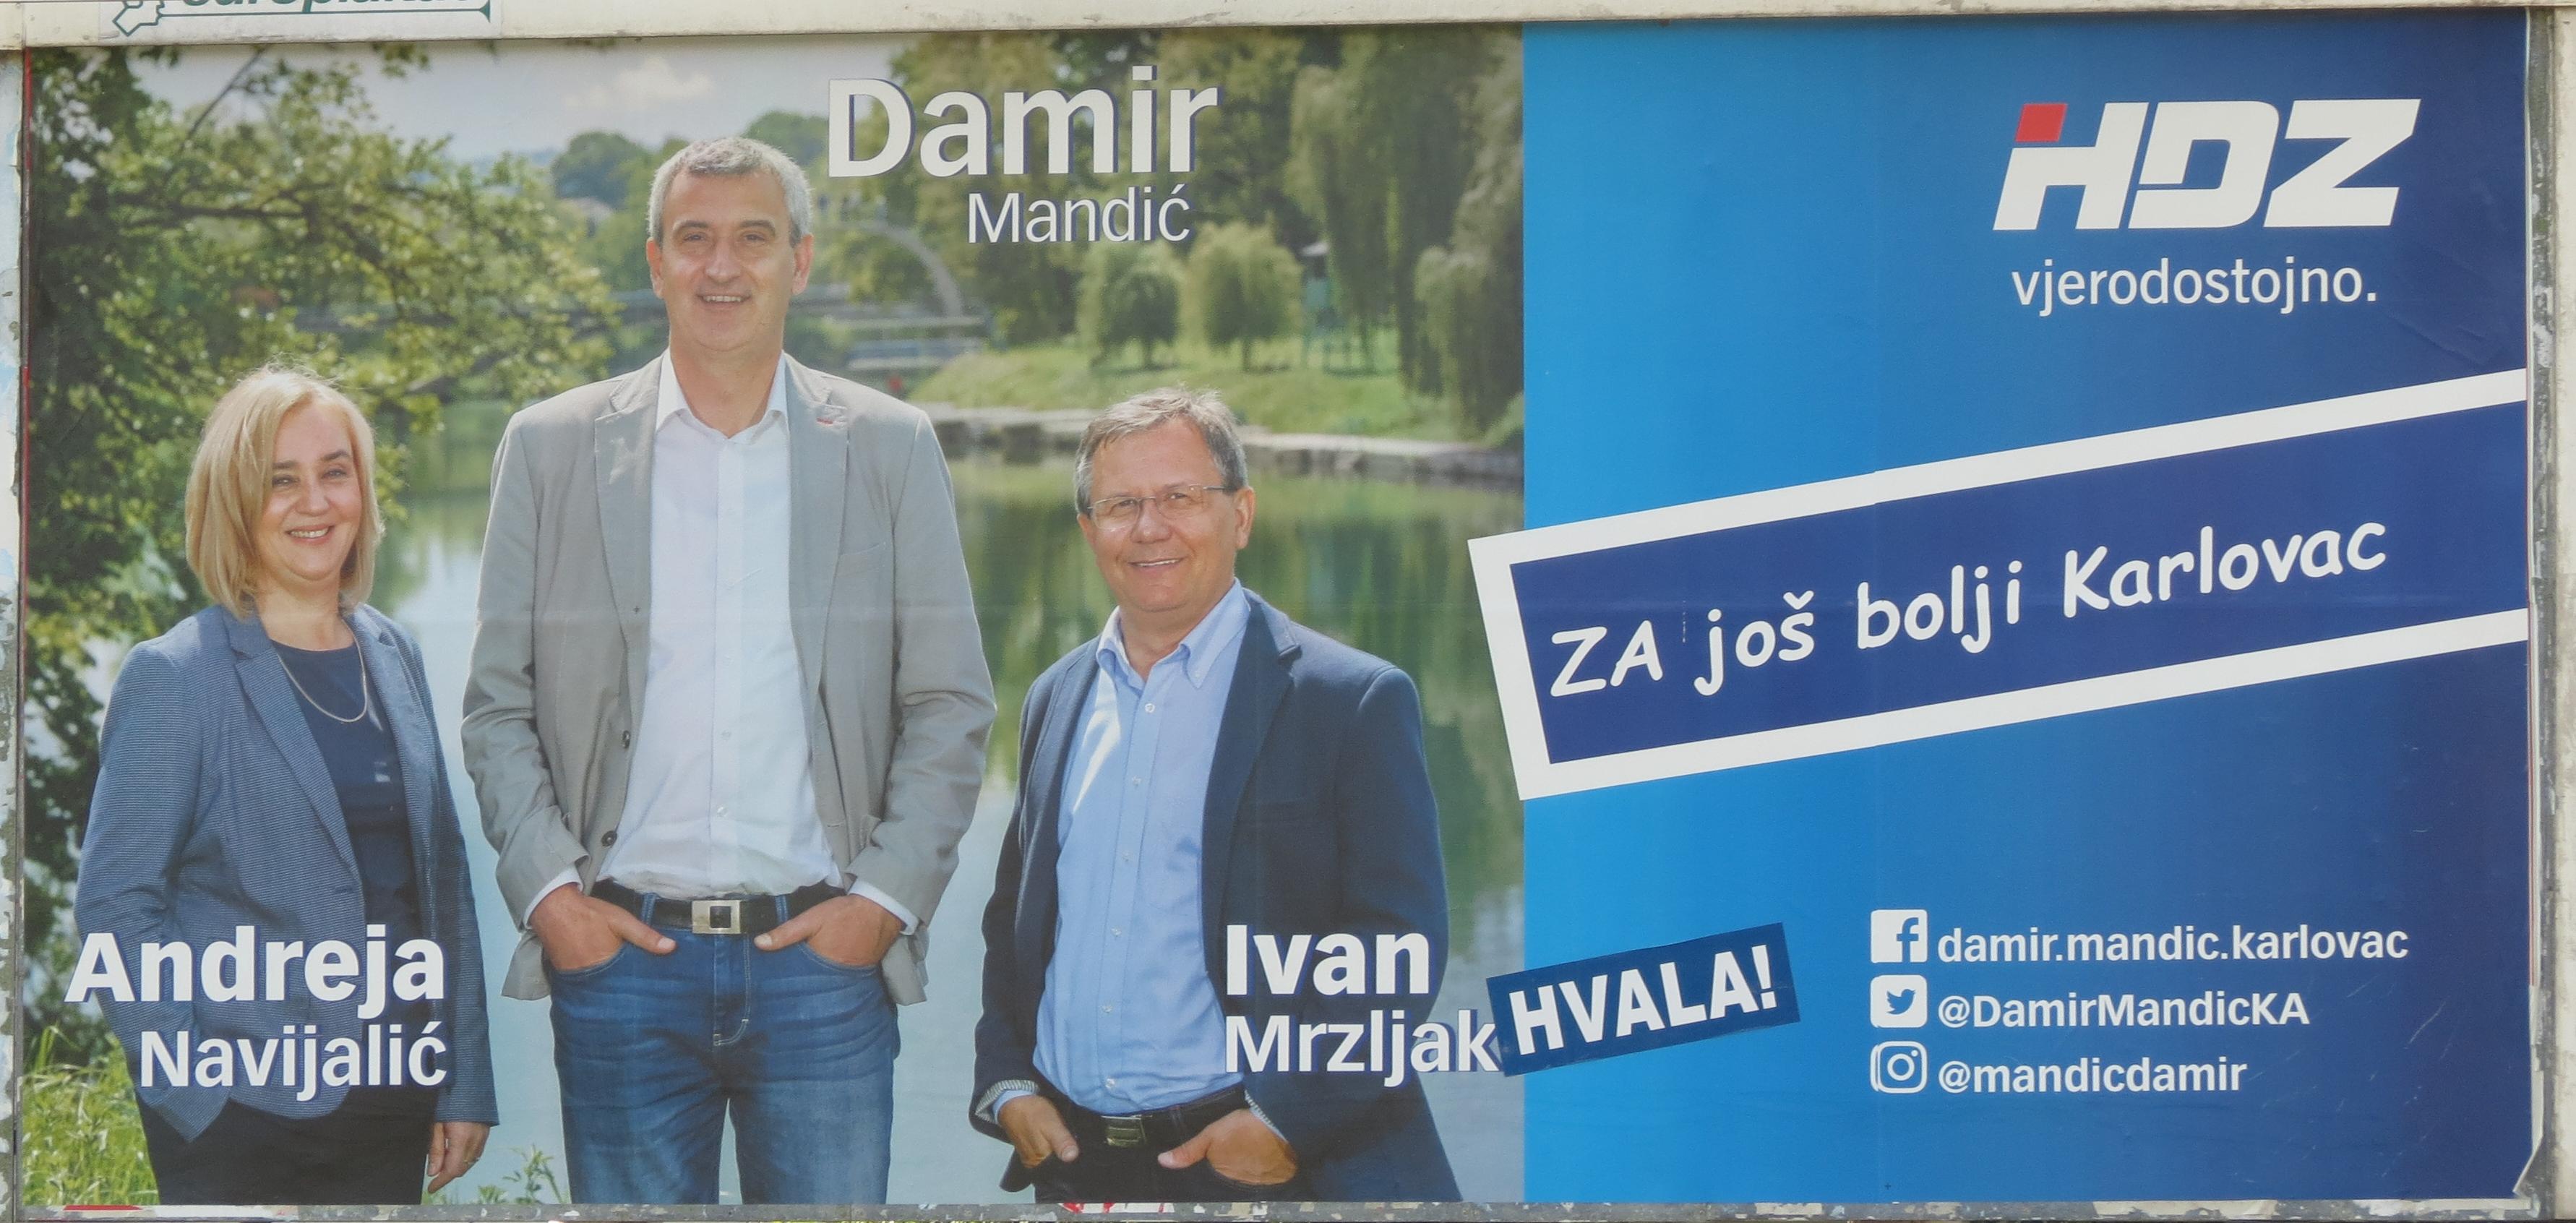 Cidade de Karlovac – Hrvatska demokratska zajednica (HDZ; União Democrata Croata)